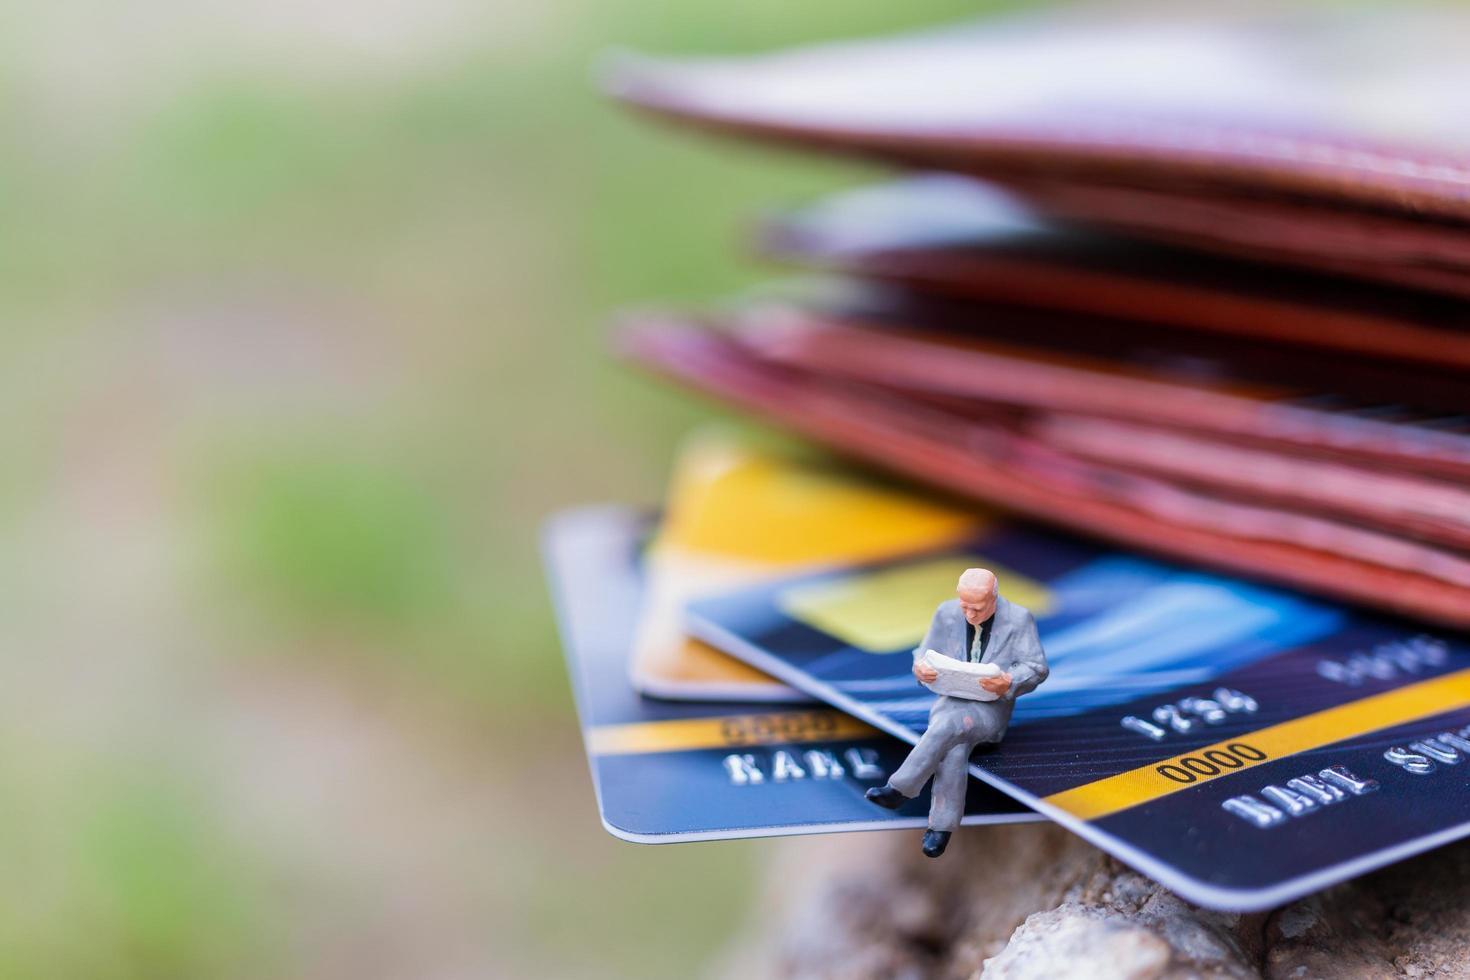 empresários em miniatura sentados sobre conceitos de cartão de crédito, negócios e finanças foto